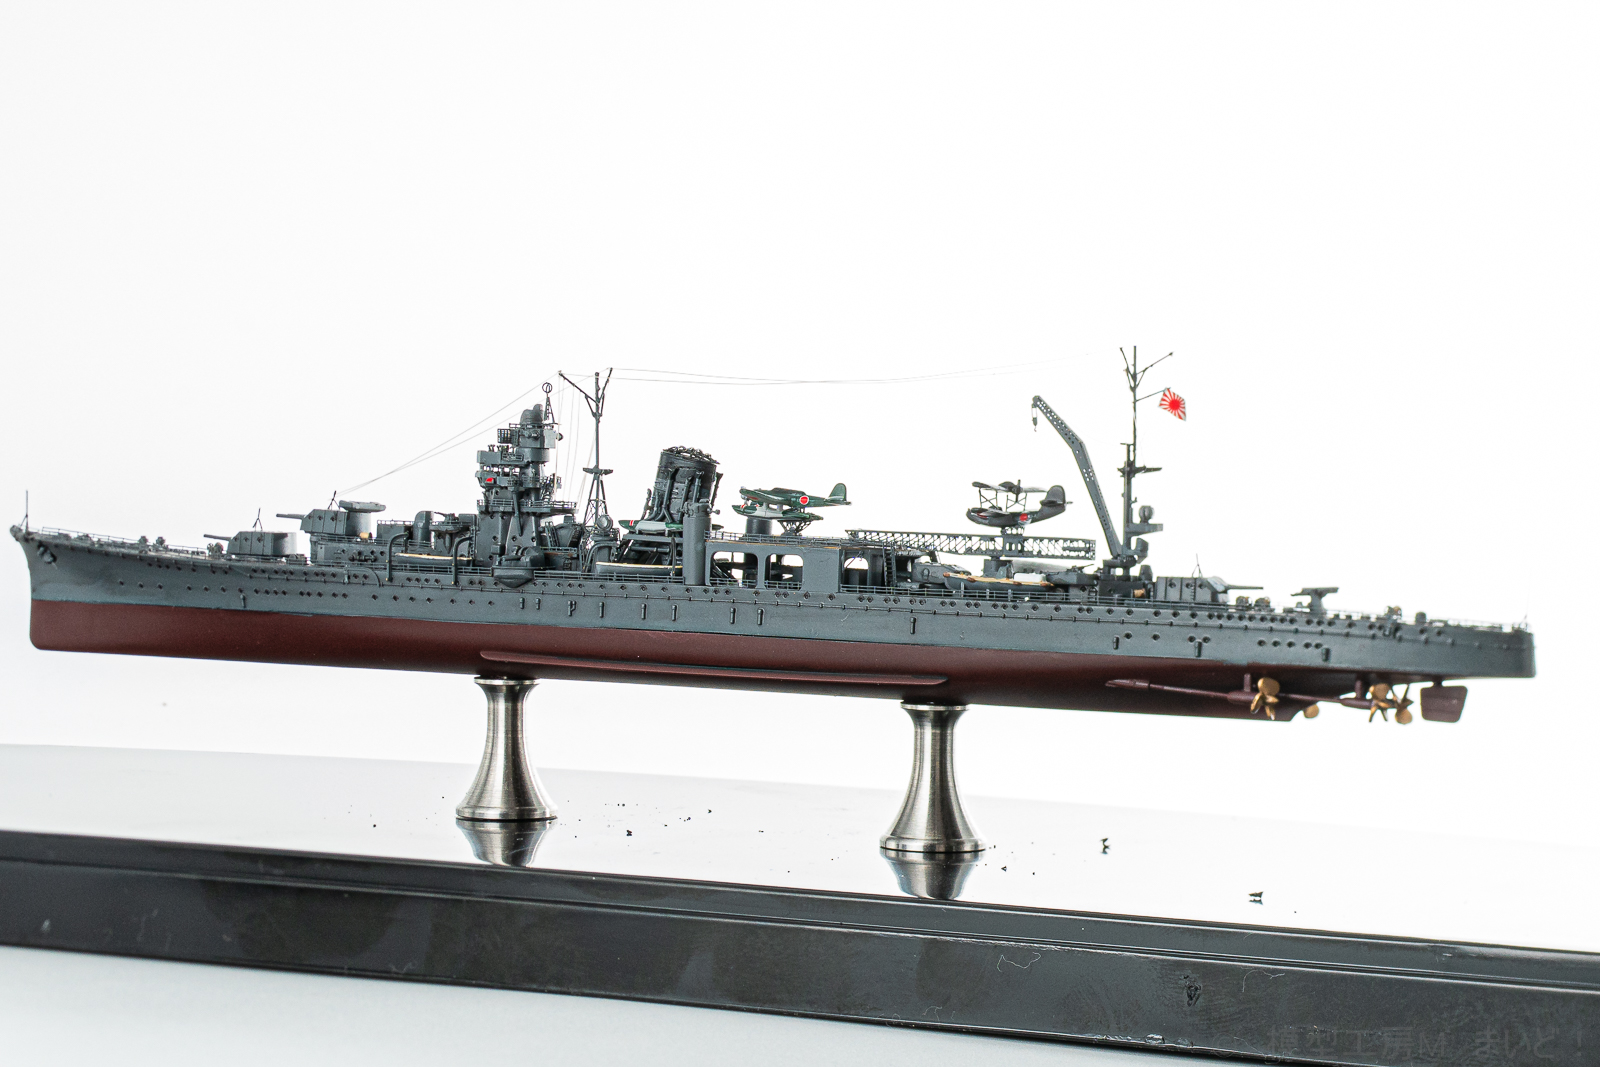 フジミ 1/700 日本海軍軽巡洋艦 阿賀野 プラモデル 完成品